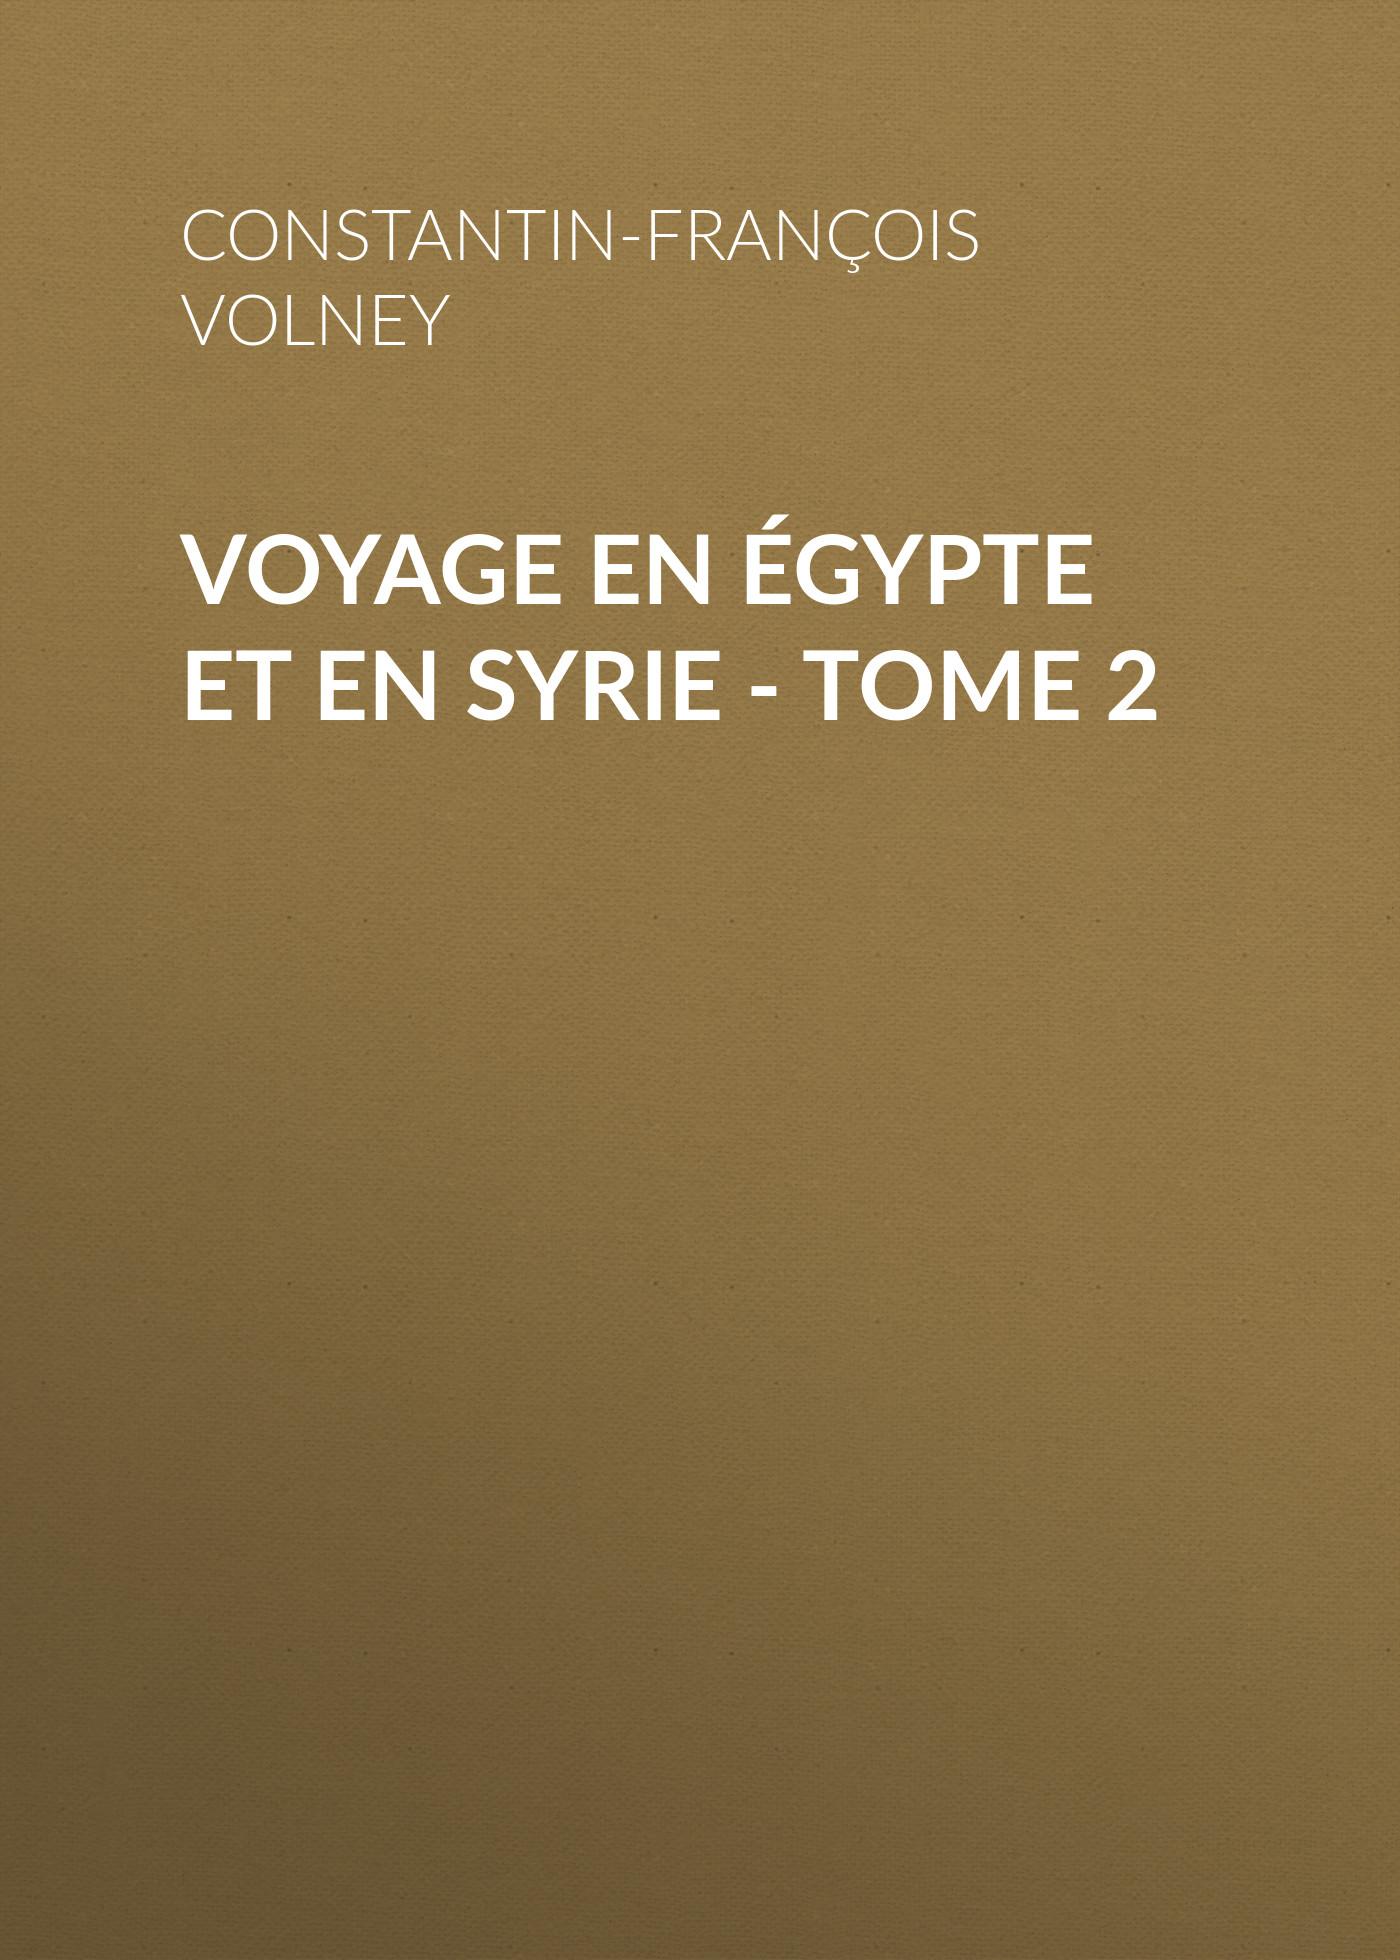 Constantin-François Volney Voyage en Égypte et en Syrie - Tome 2